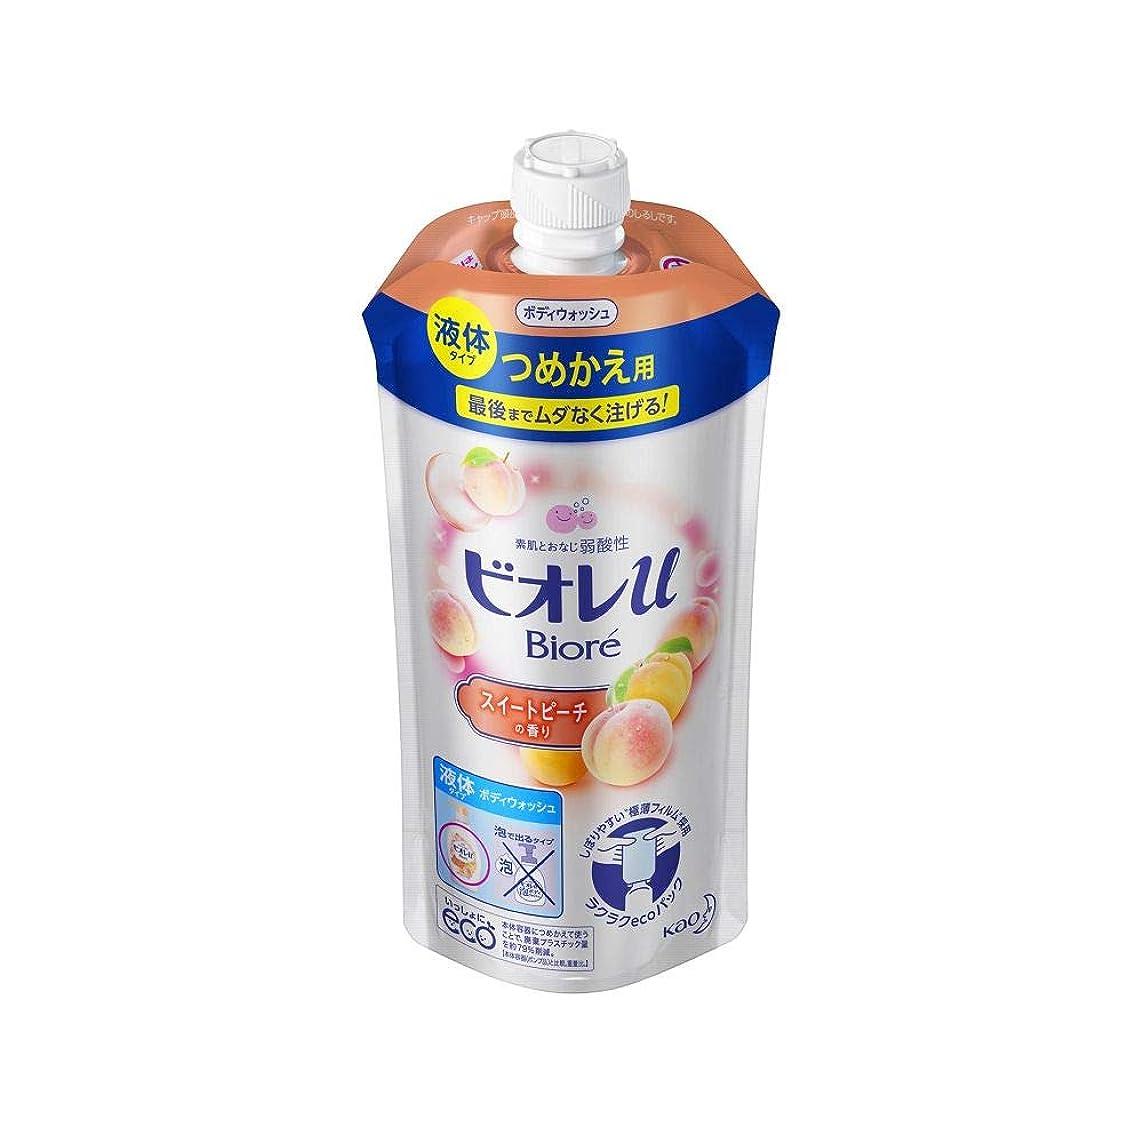 キノコ急勾配の実験花王 ビオレu スイートピーチの香りつめかえ用 340ML